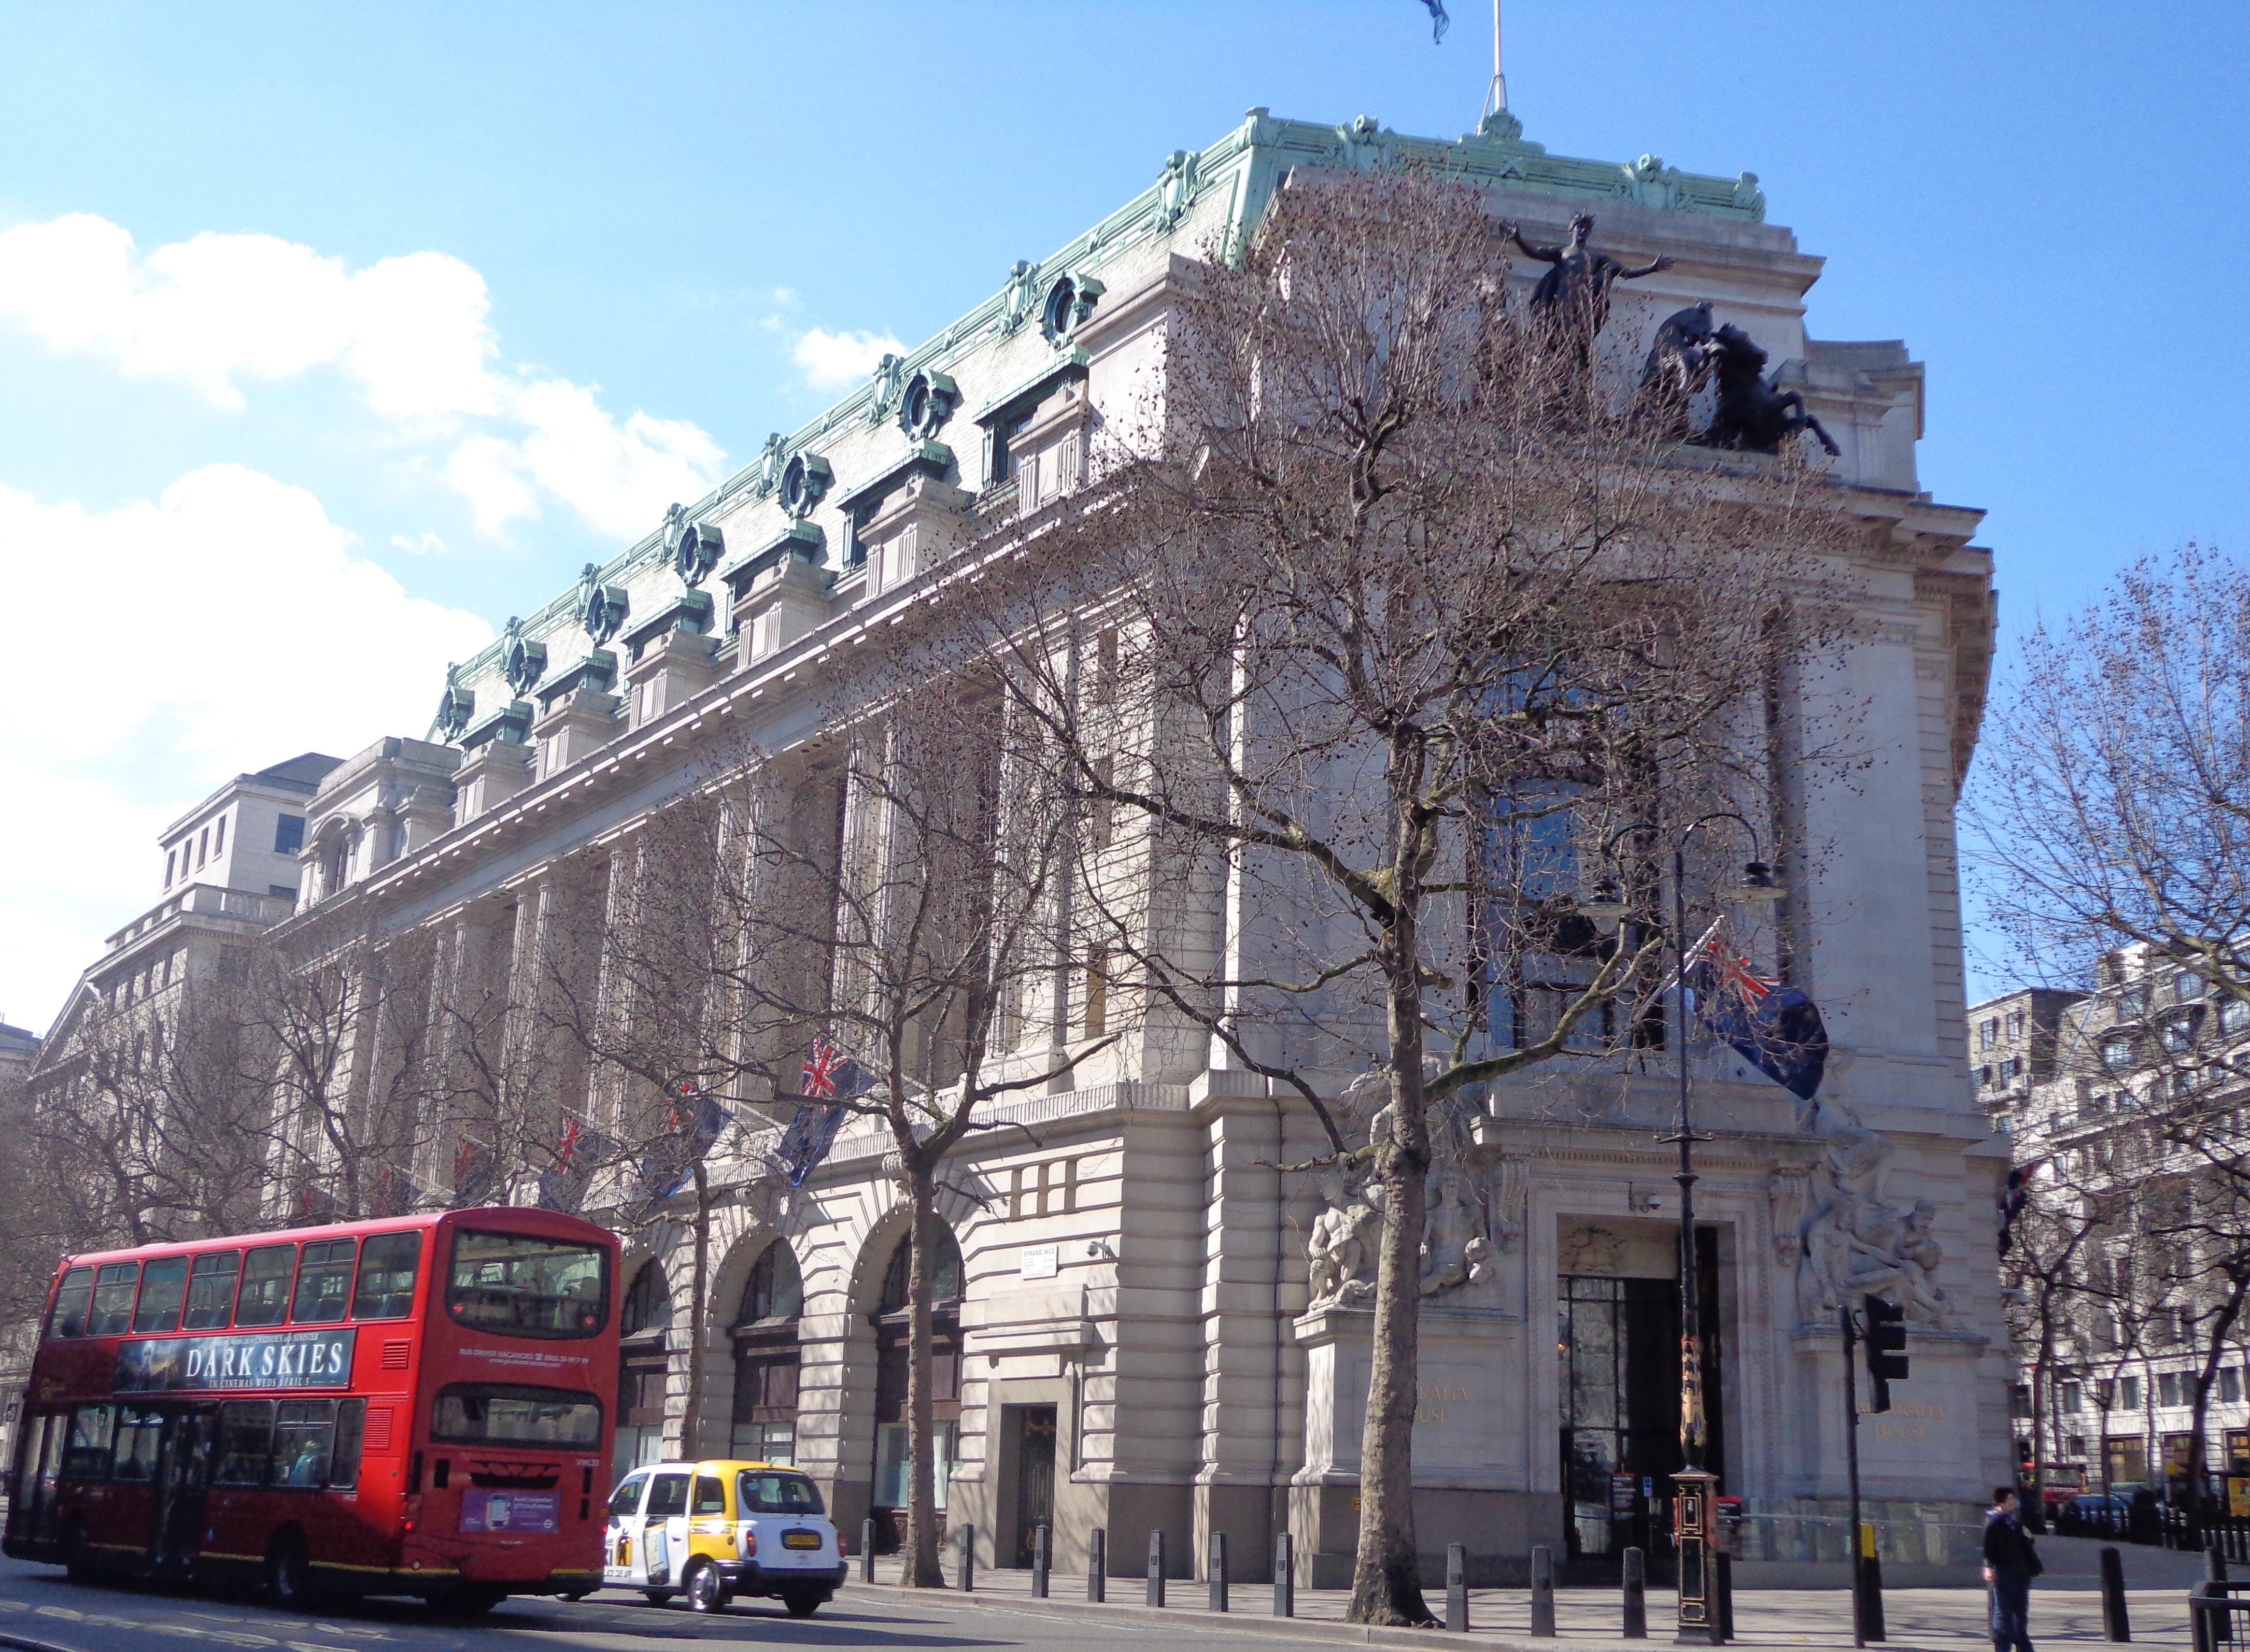 Australia House%2C London - 37+ Australia House London Pictures  Pictures